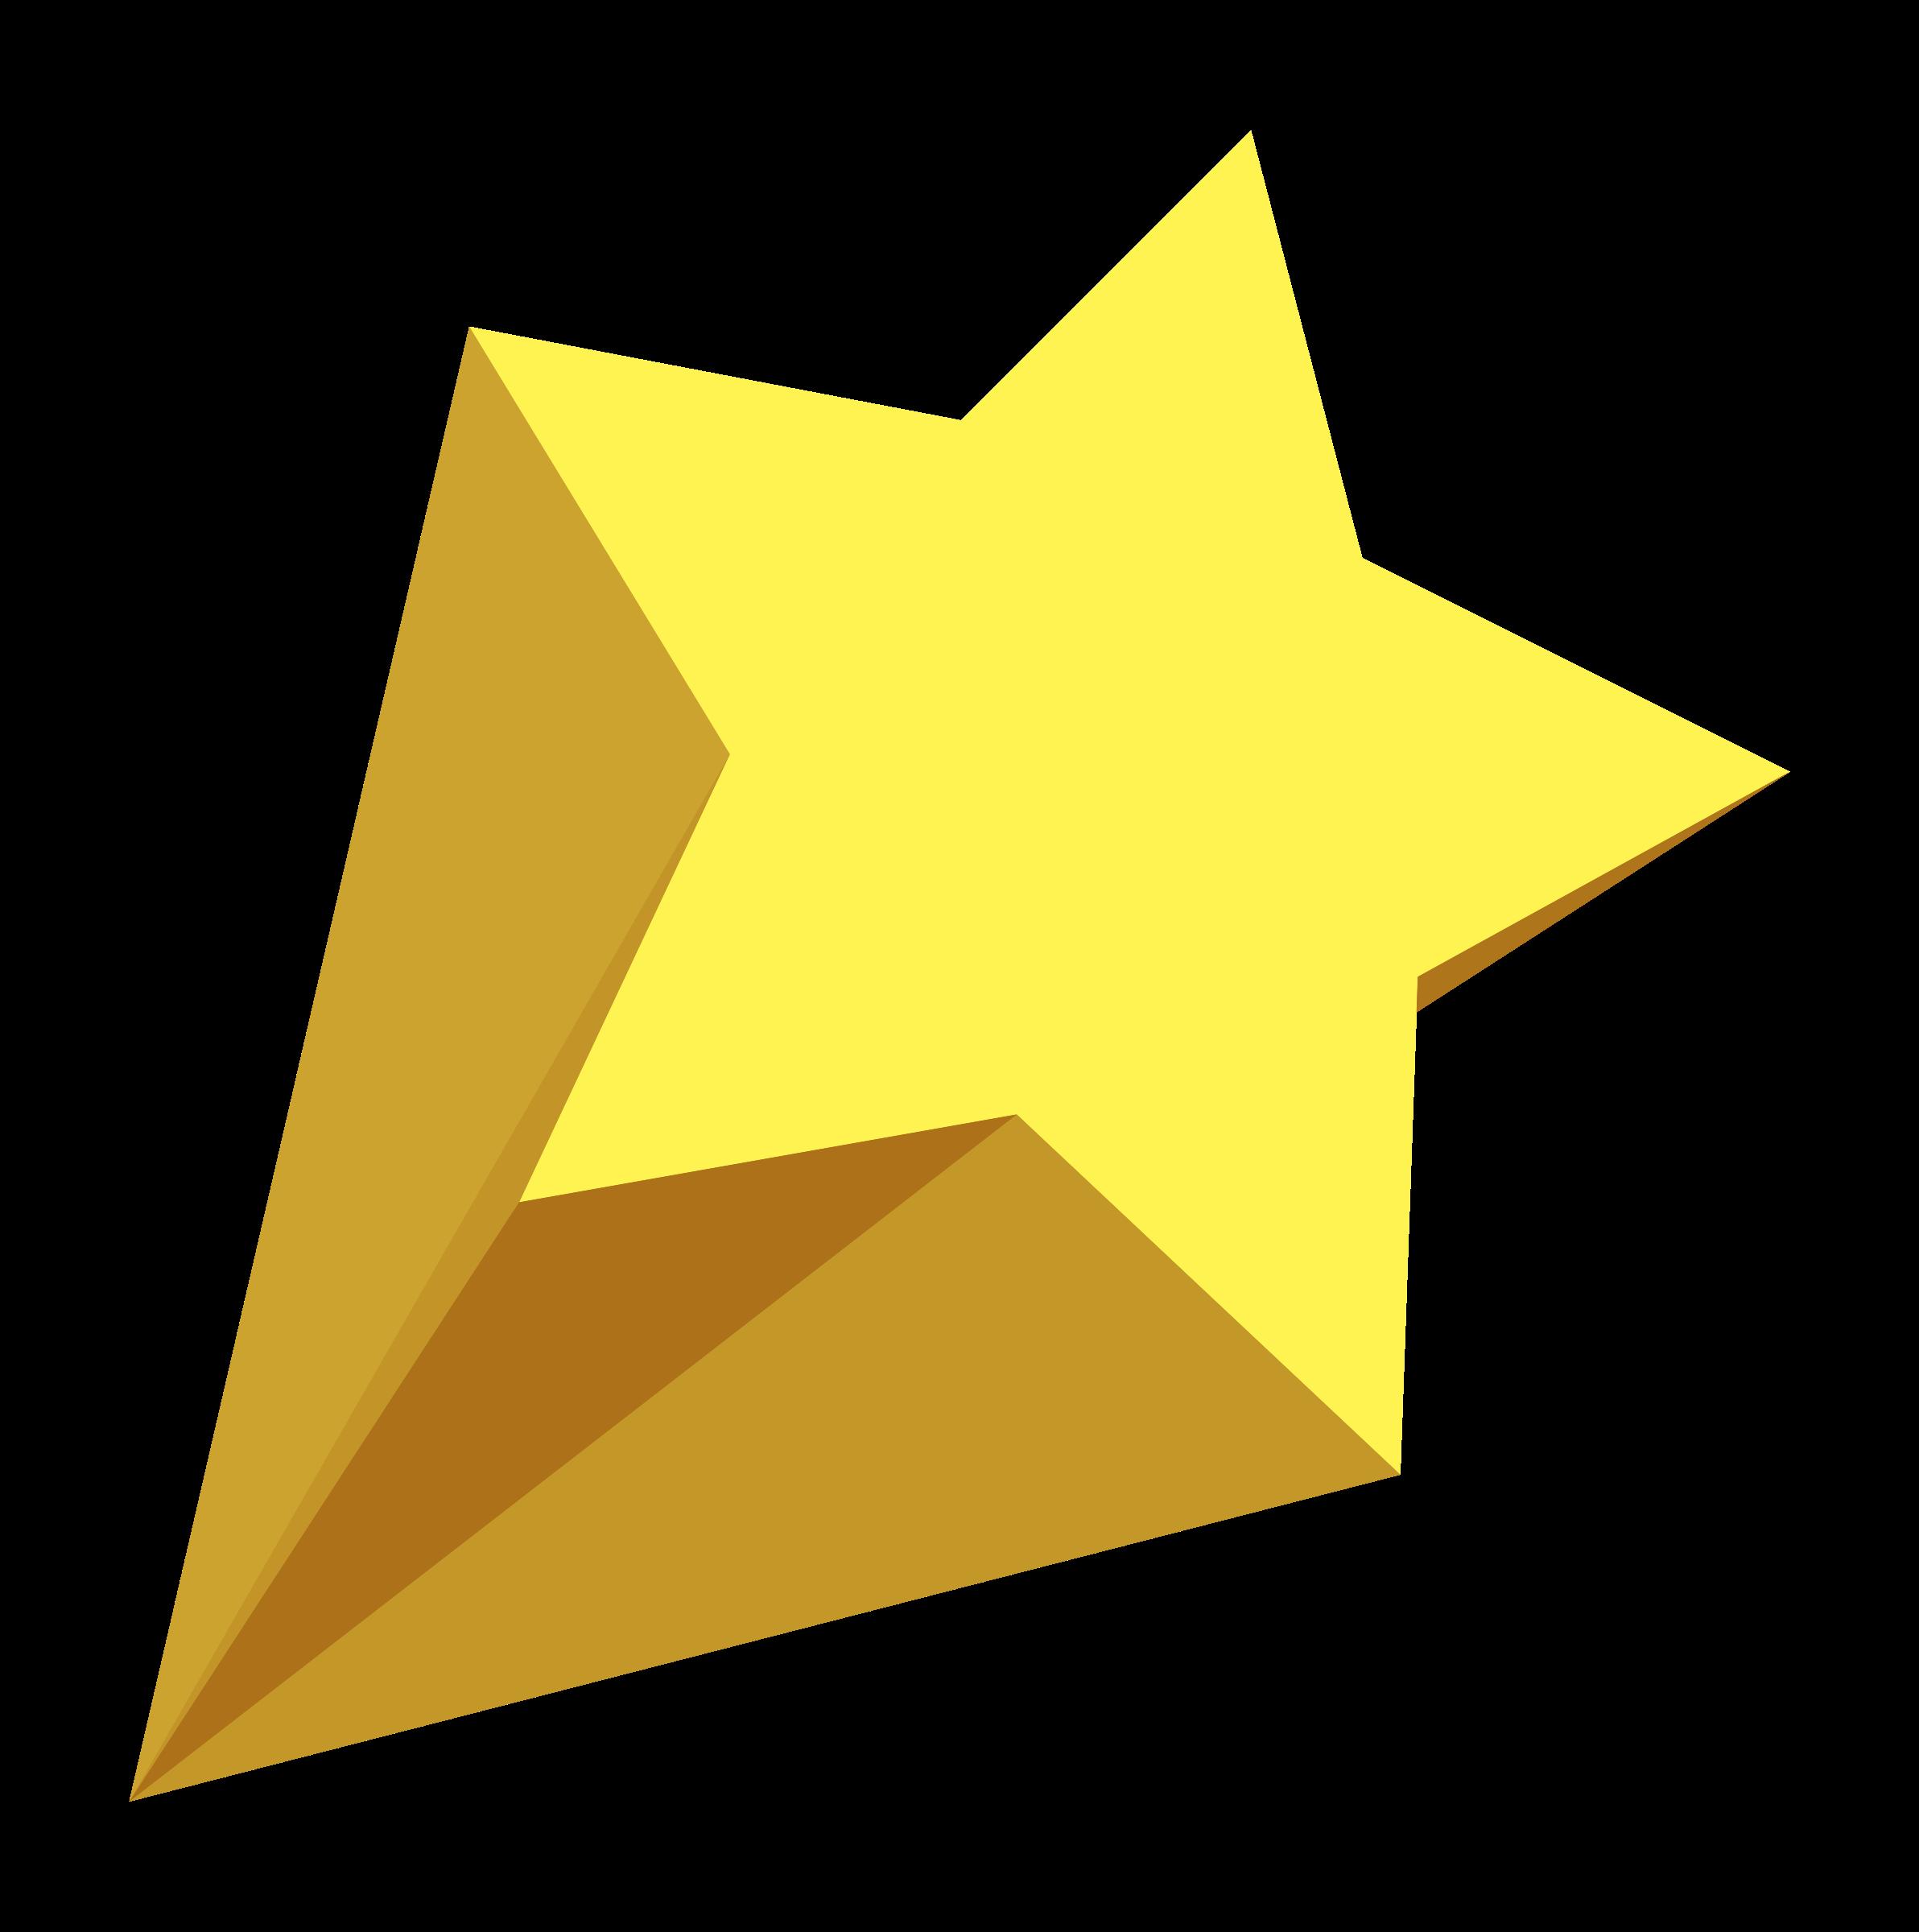 yellow stars clipart